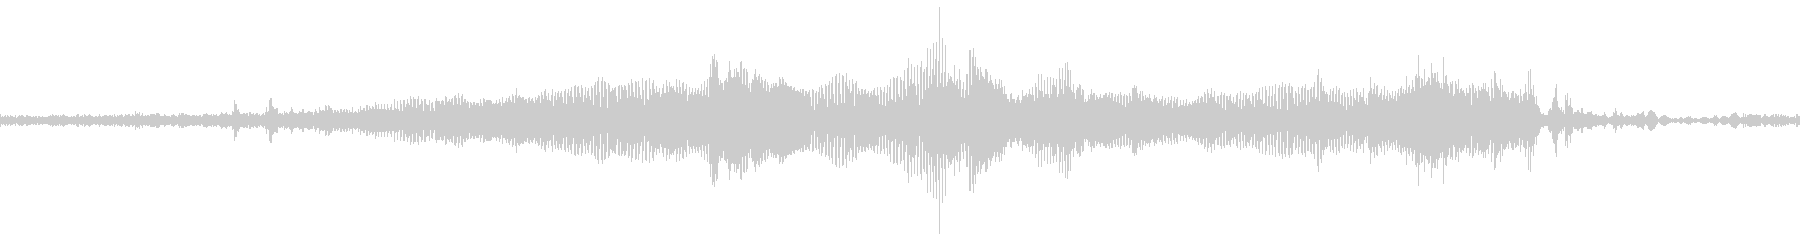 ハチバズジャーソロ低の未再生の波形